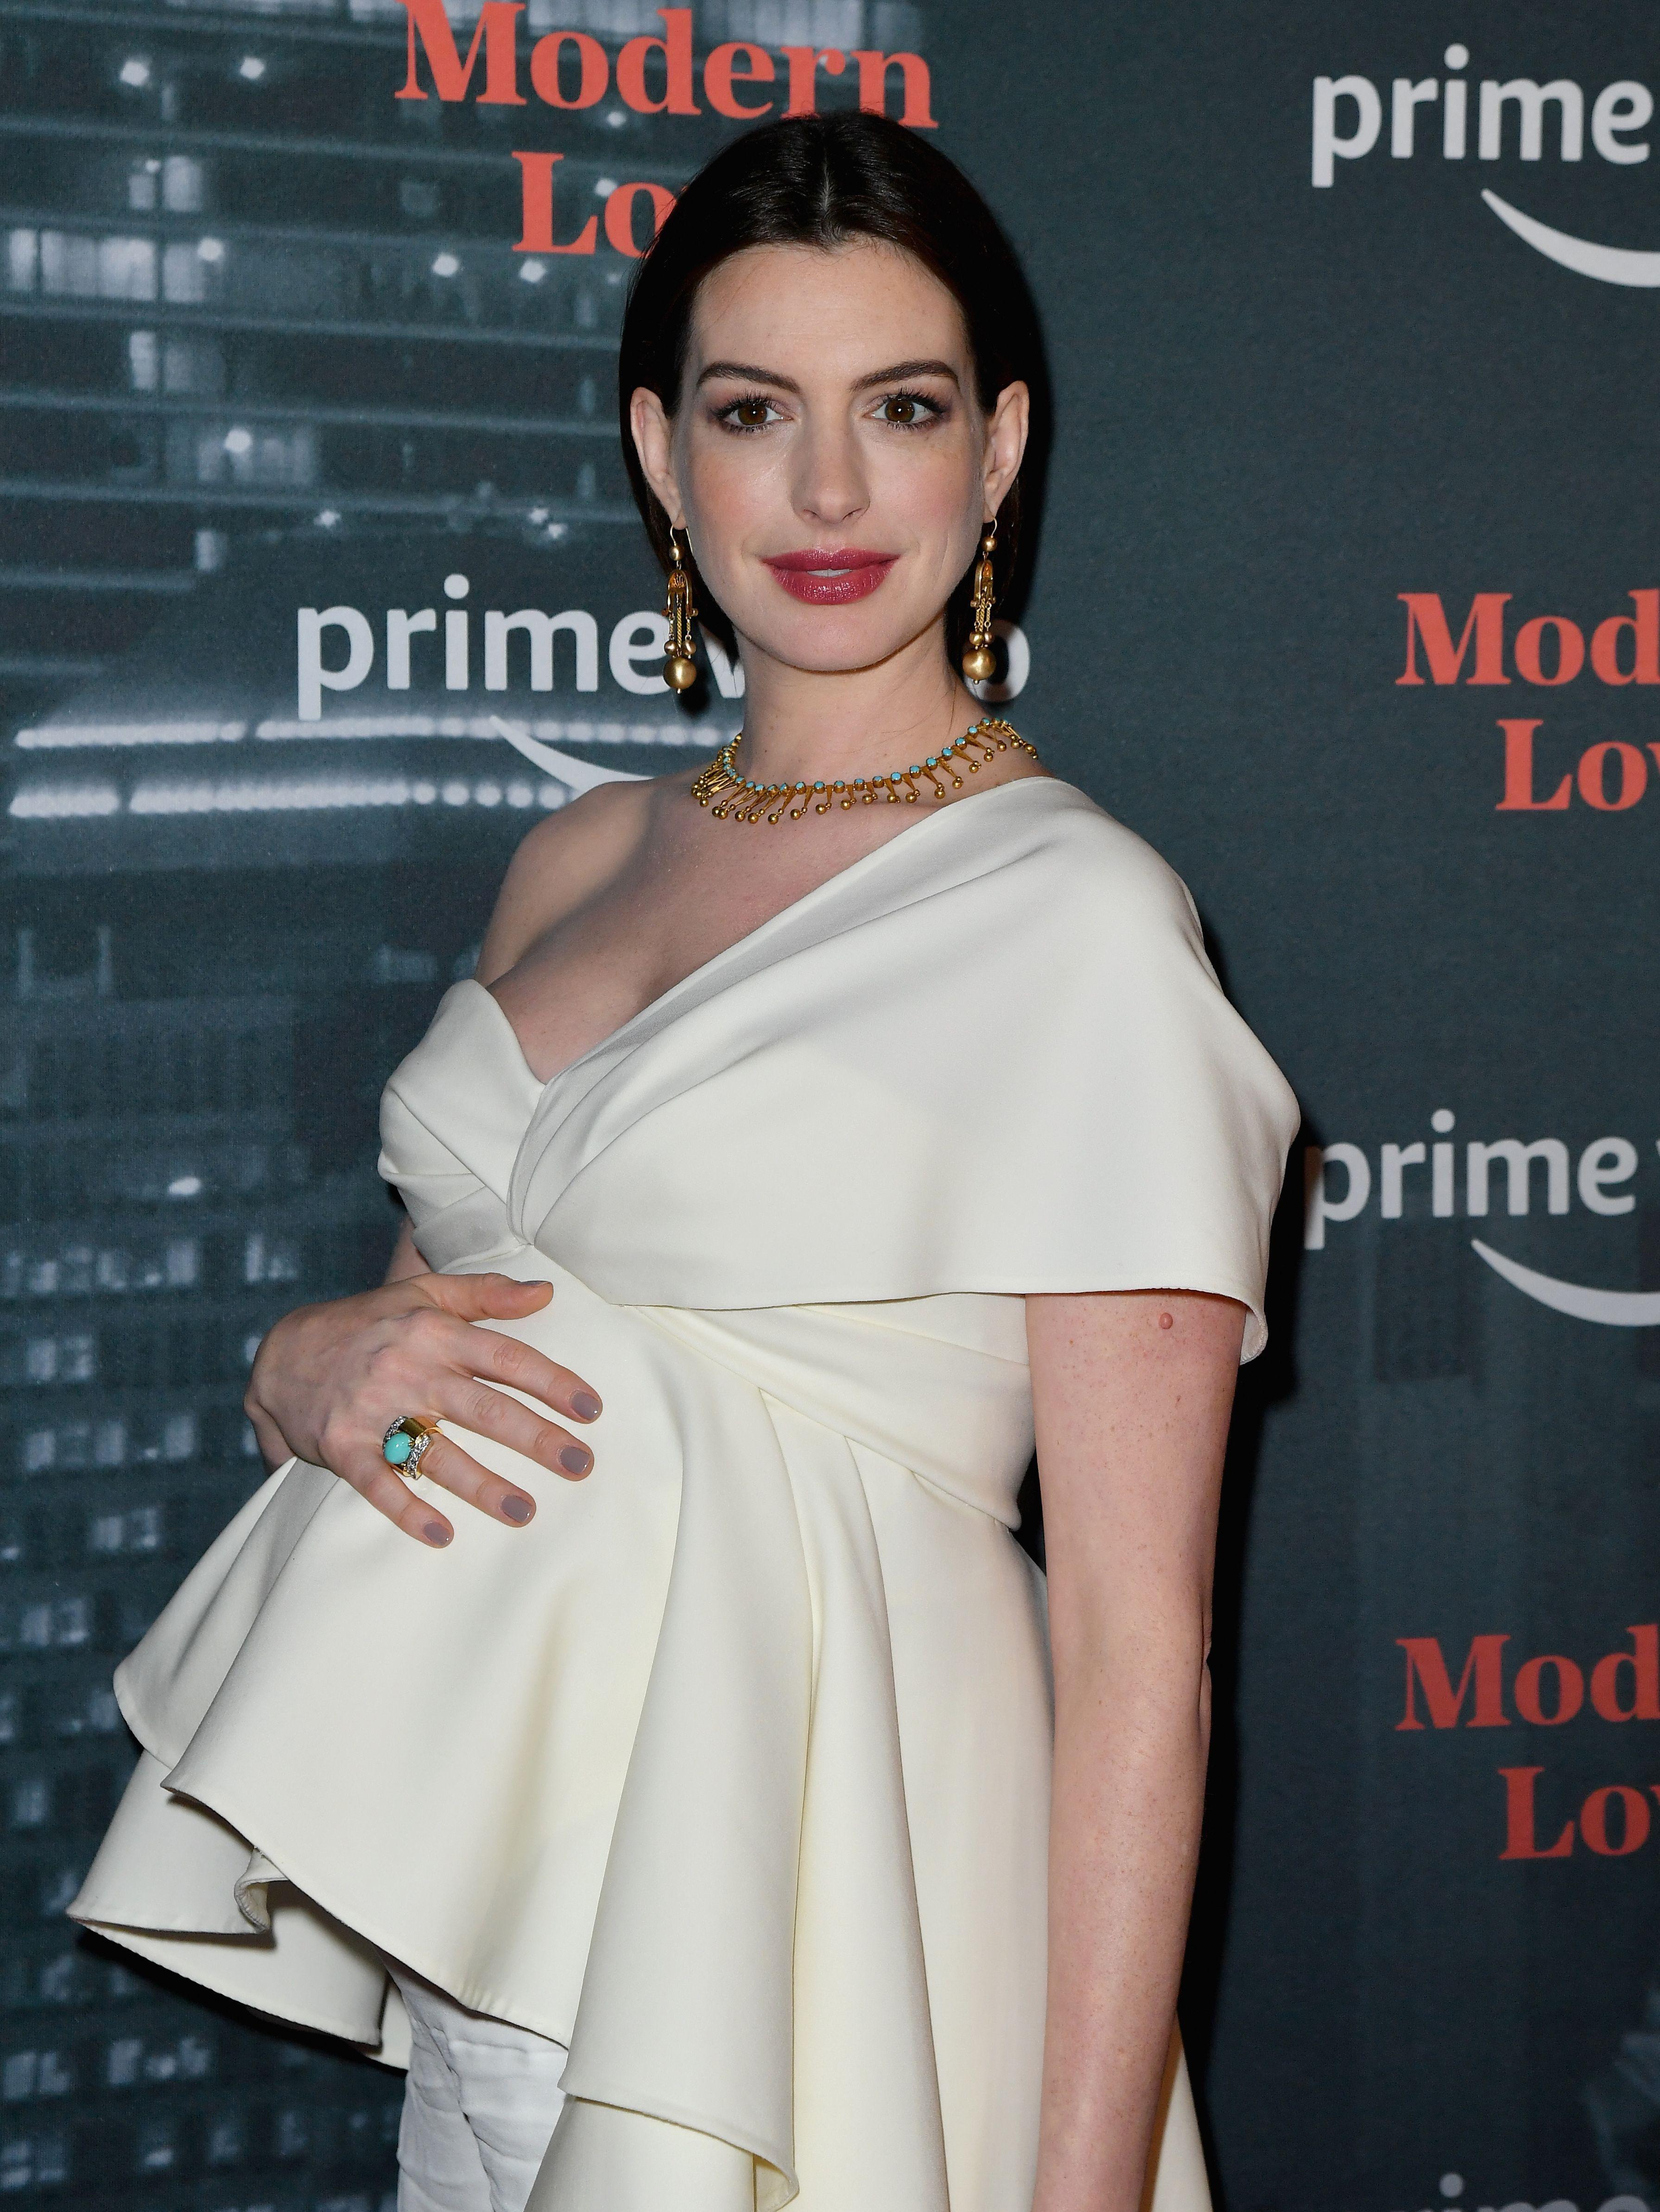 Anne Hathaway Redefines Maternity Style in White Oscar de la Renta Look